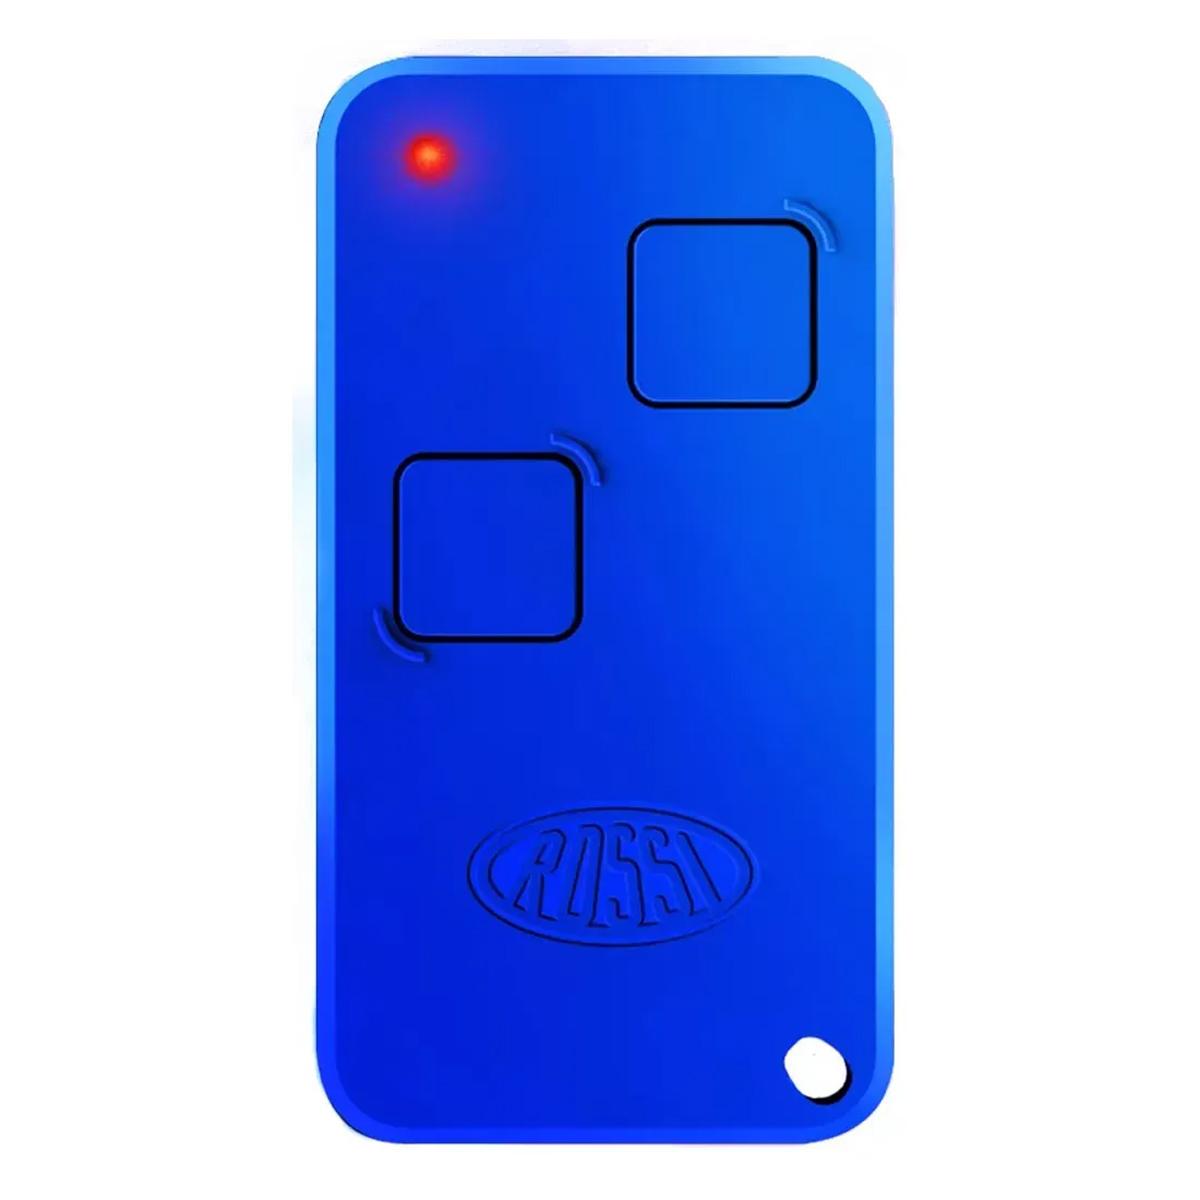 Controle Remoto Para Portão Eletrônico Rossi Ntx 433 Mhz Hcs Azul